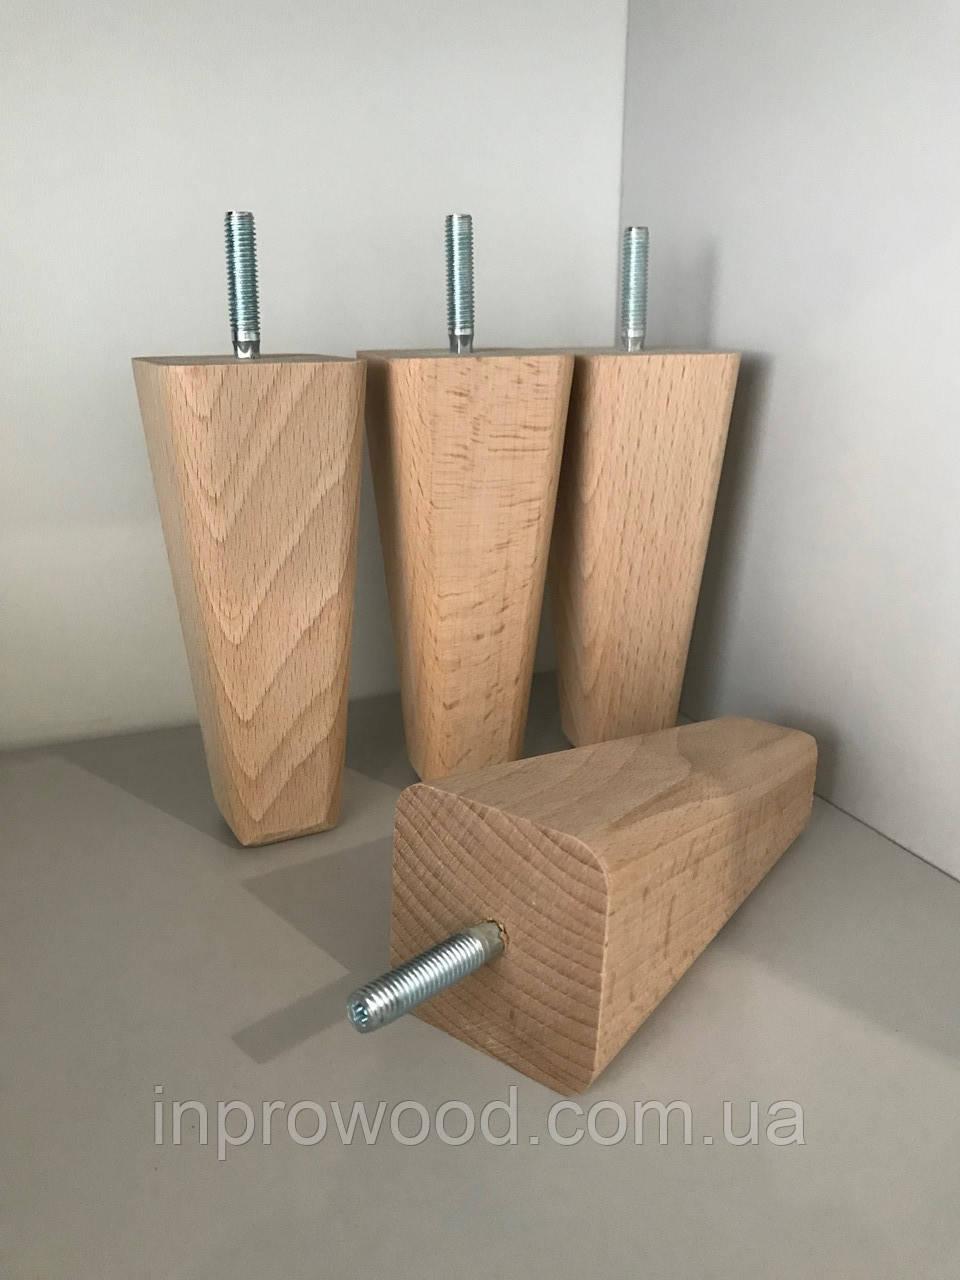 Дерев'яна меблева ніжка, меблева опора Дуб 200 мм